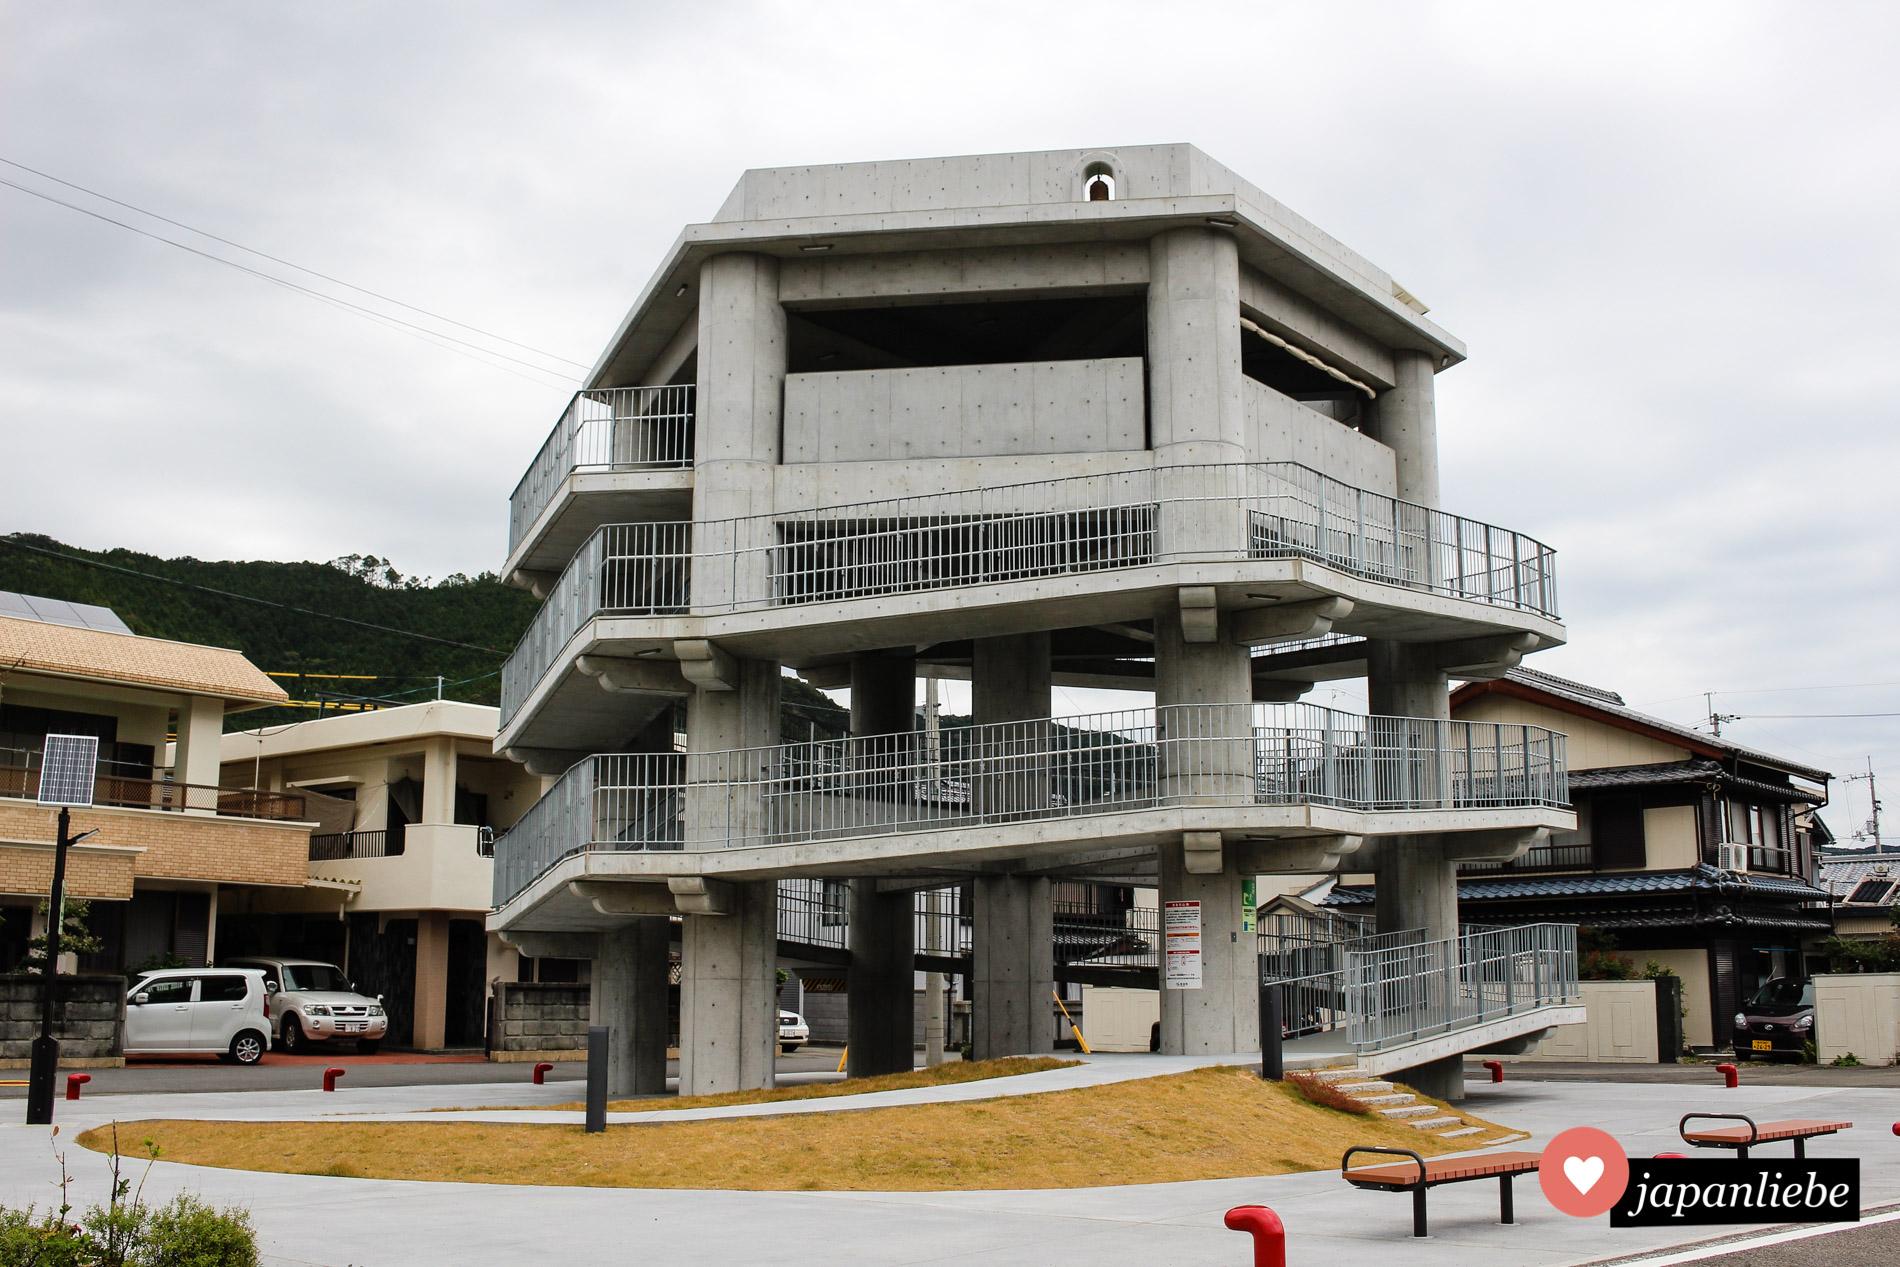 Ein Tsunami-Evakuierungsturm in der kleinen Stadt Hiwasa auf Shikoku.